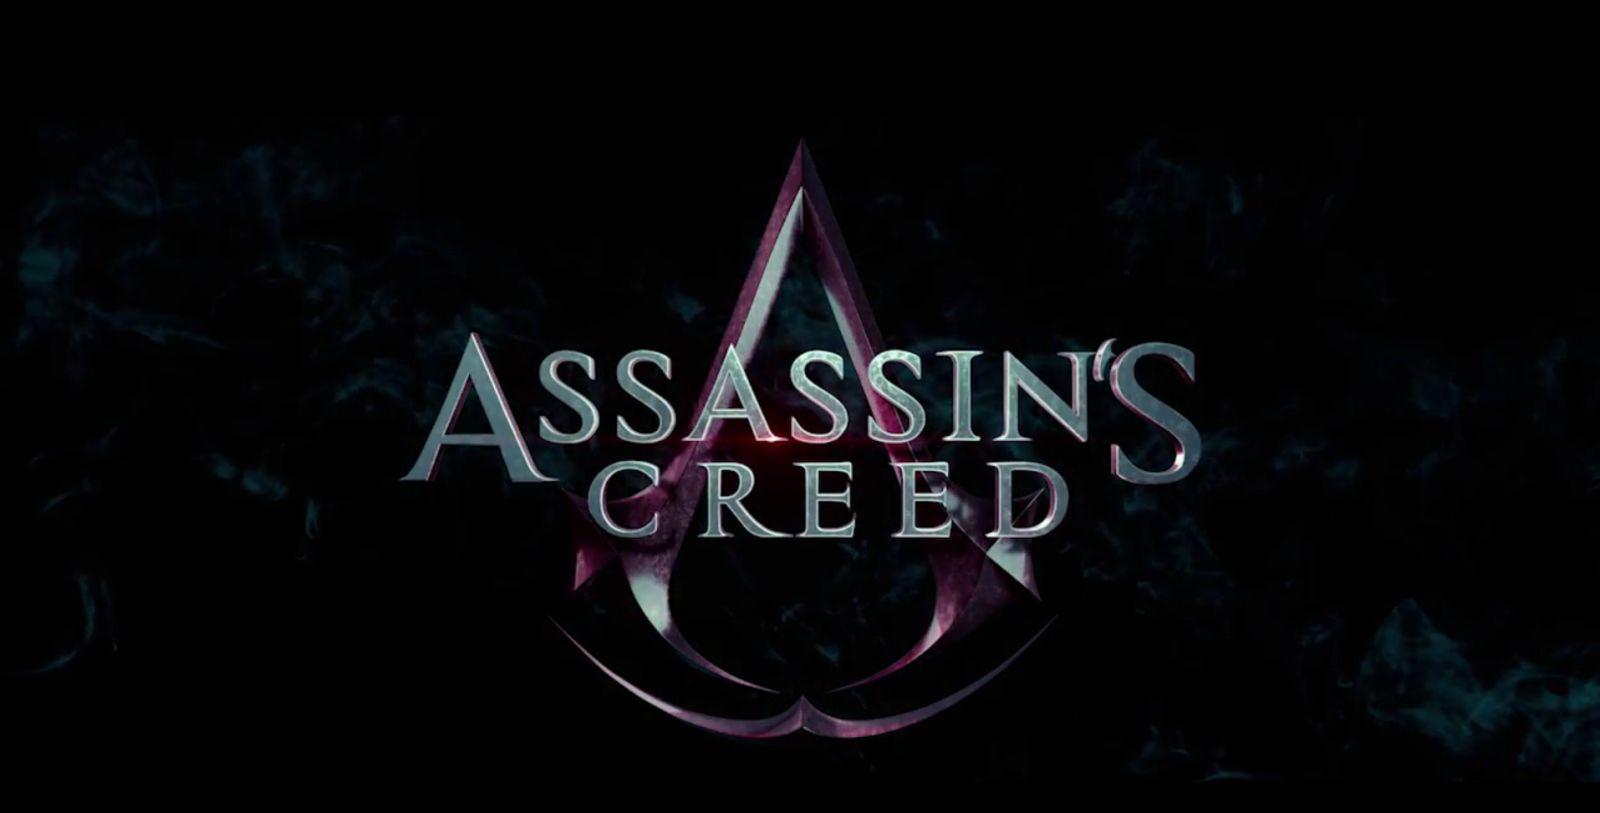 assassins creed filme trailer